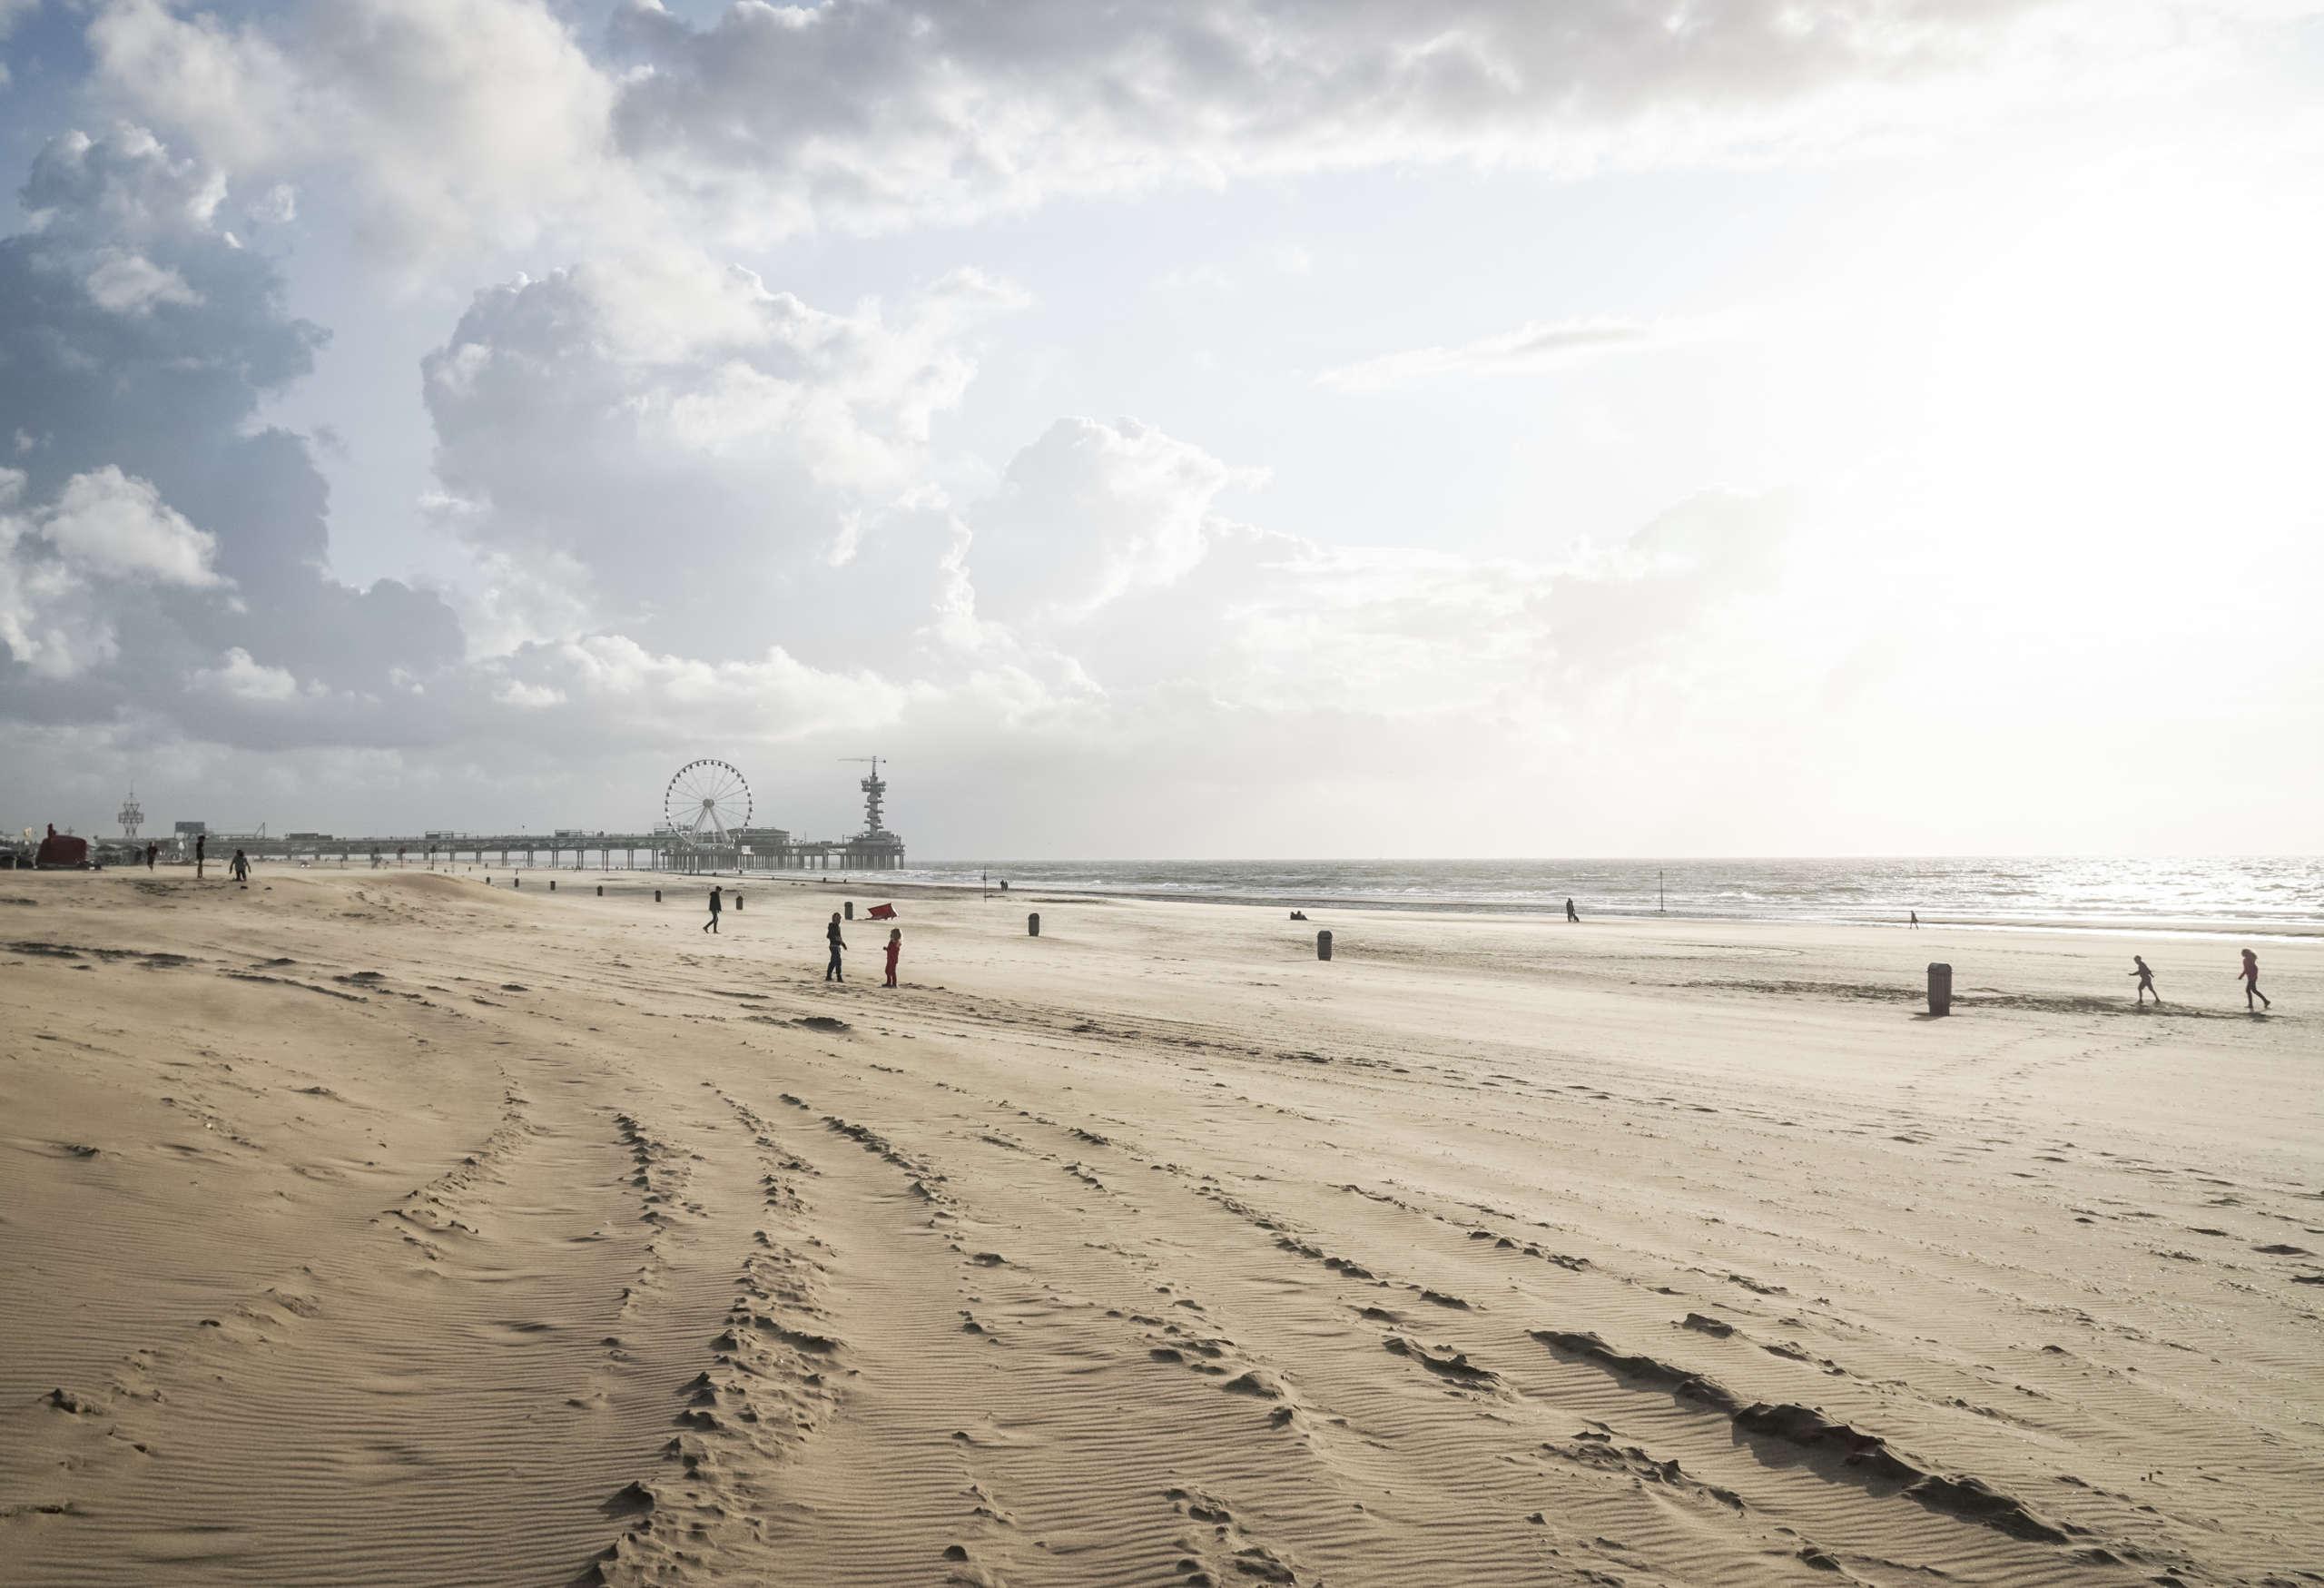 Ein weitläufiger Strand in Scheveningen an der niederländischen Küste, in der Ferne befindet sich ein Pier mit einem Riesenrad.